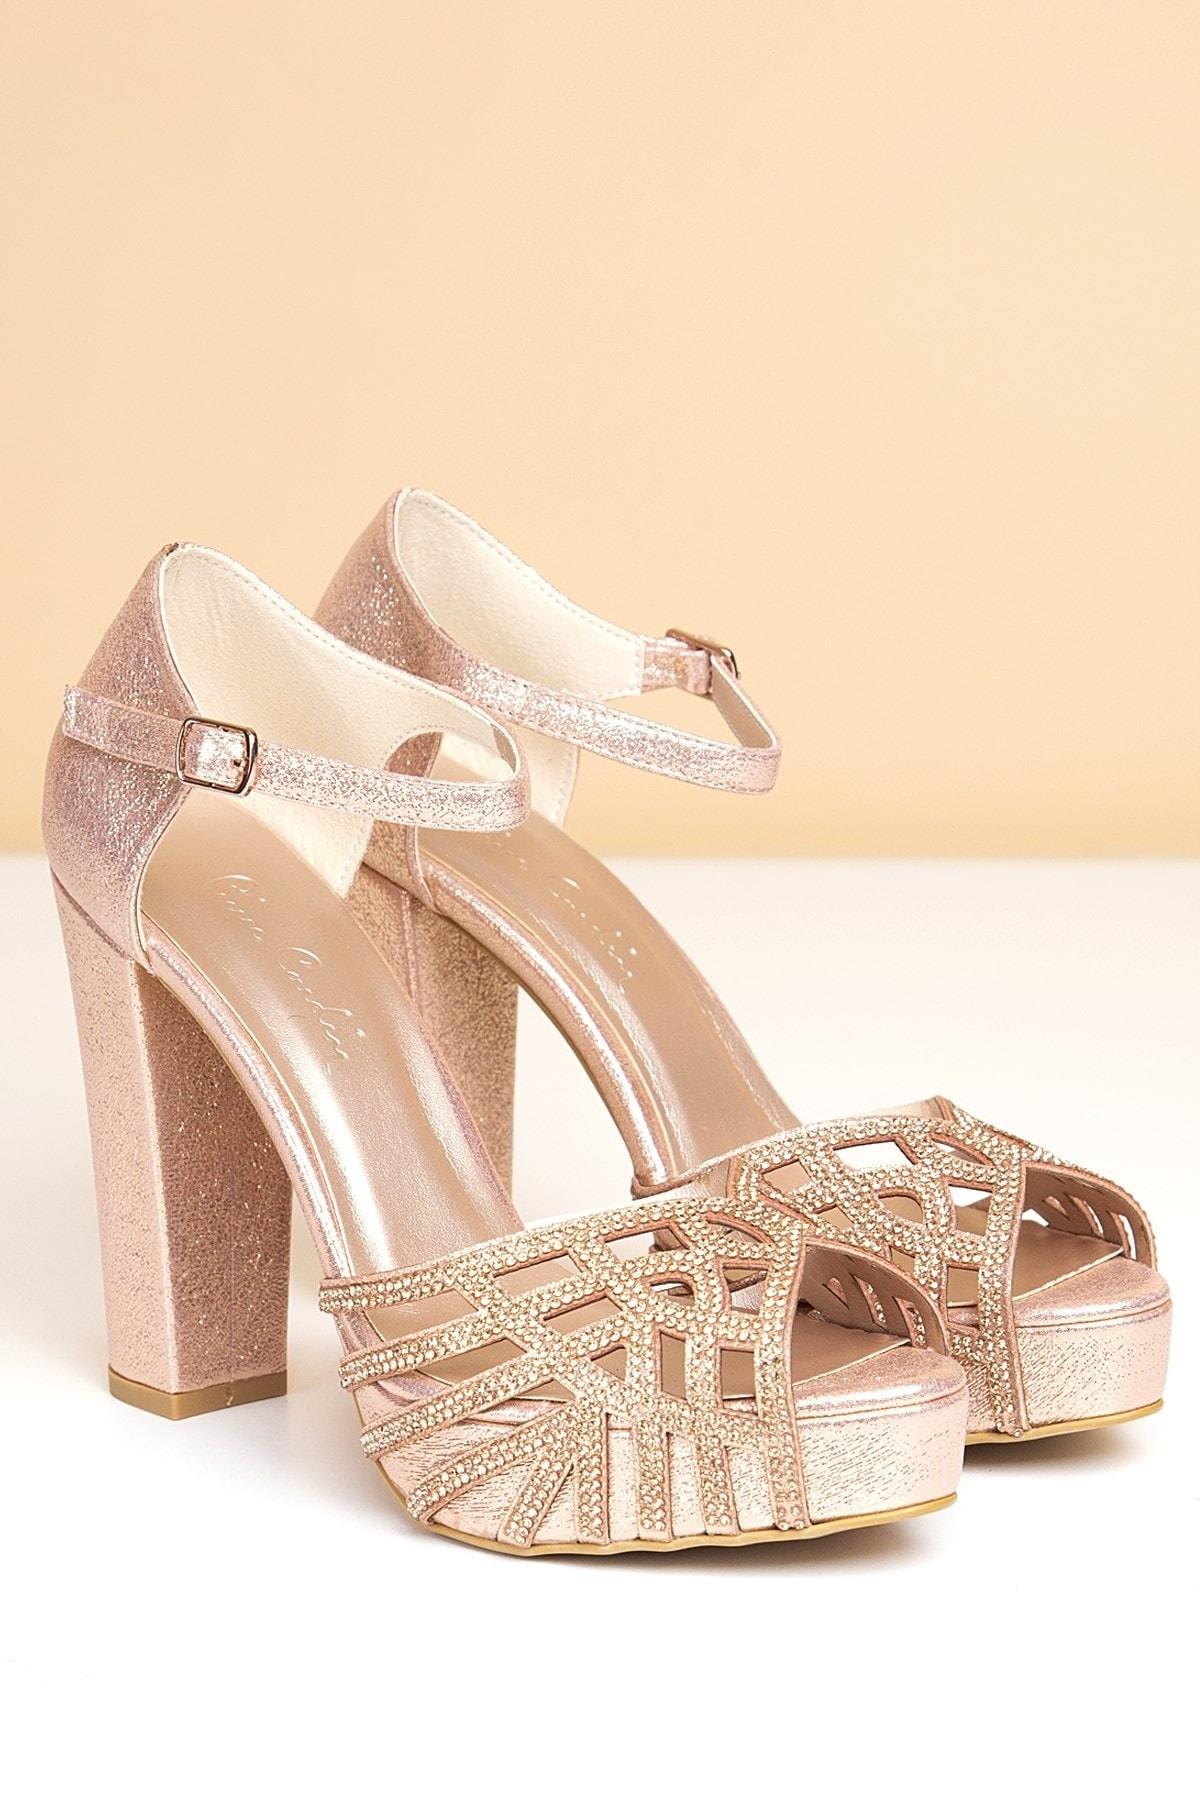 Pierre Cardin Pc-50013 Rose Kadın Ayakkabı 1